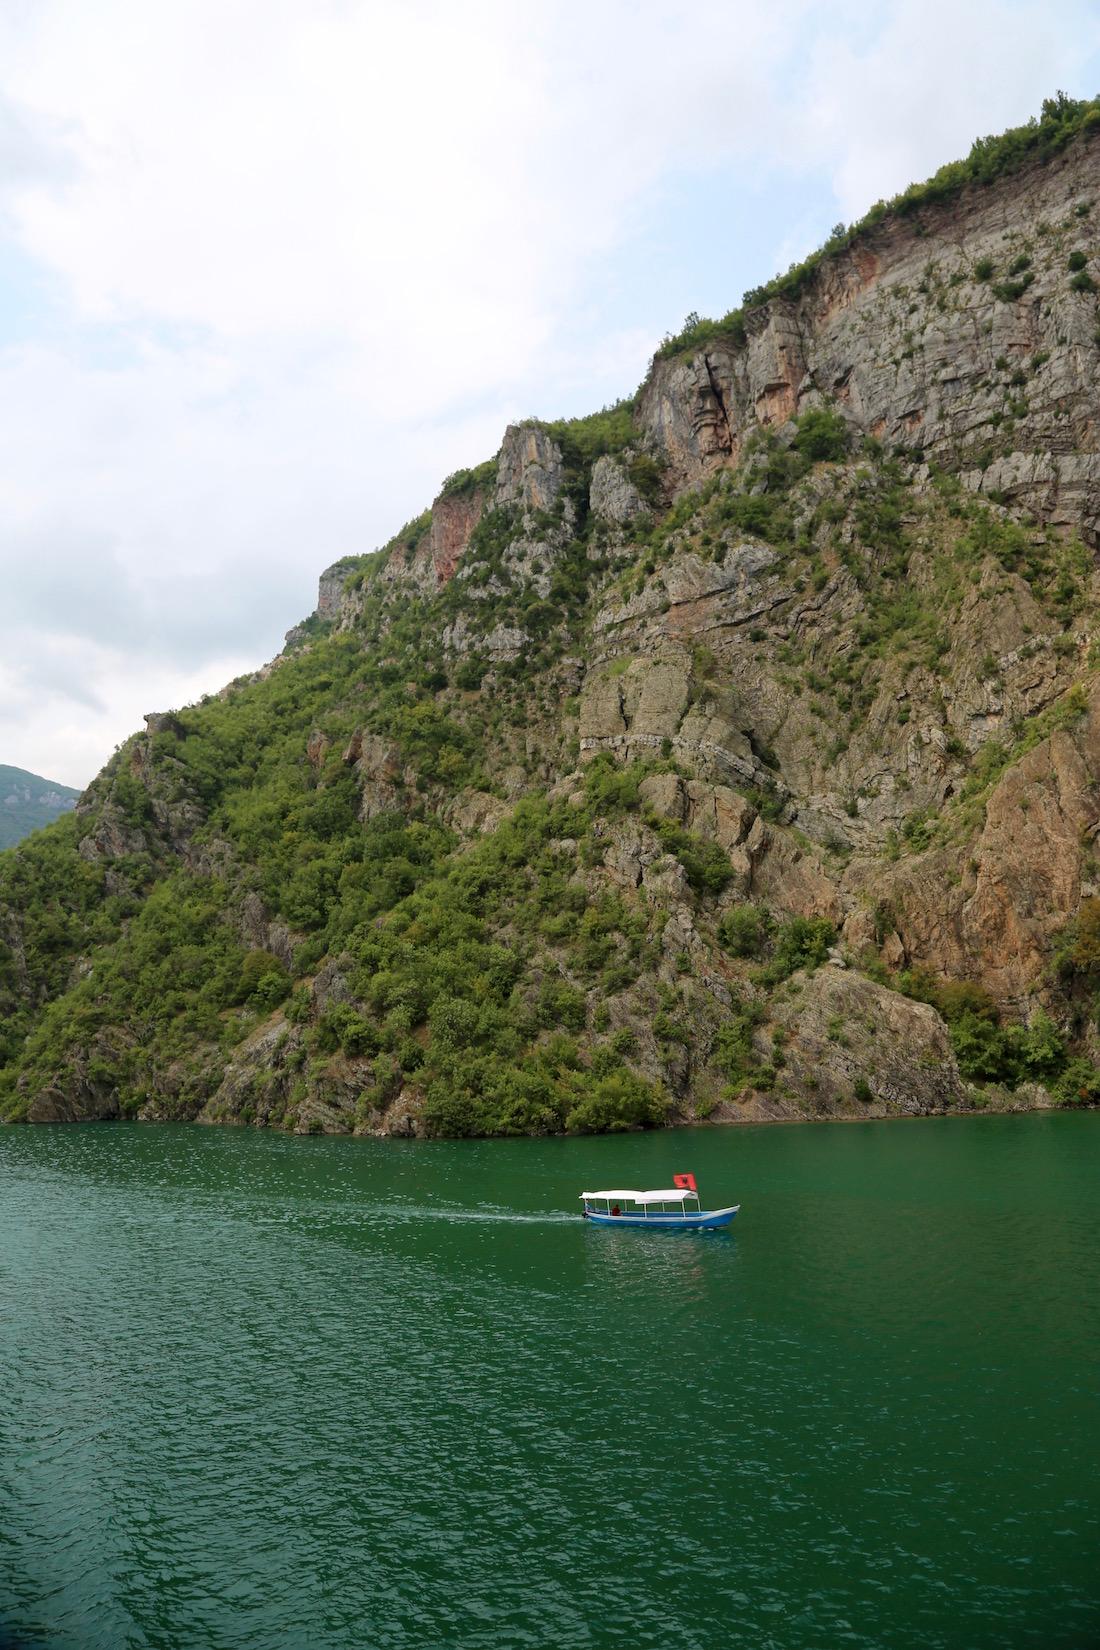 koman-lac-koman-albania-guide